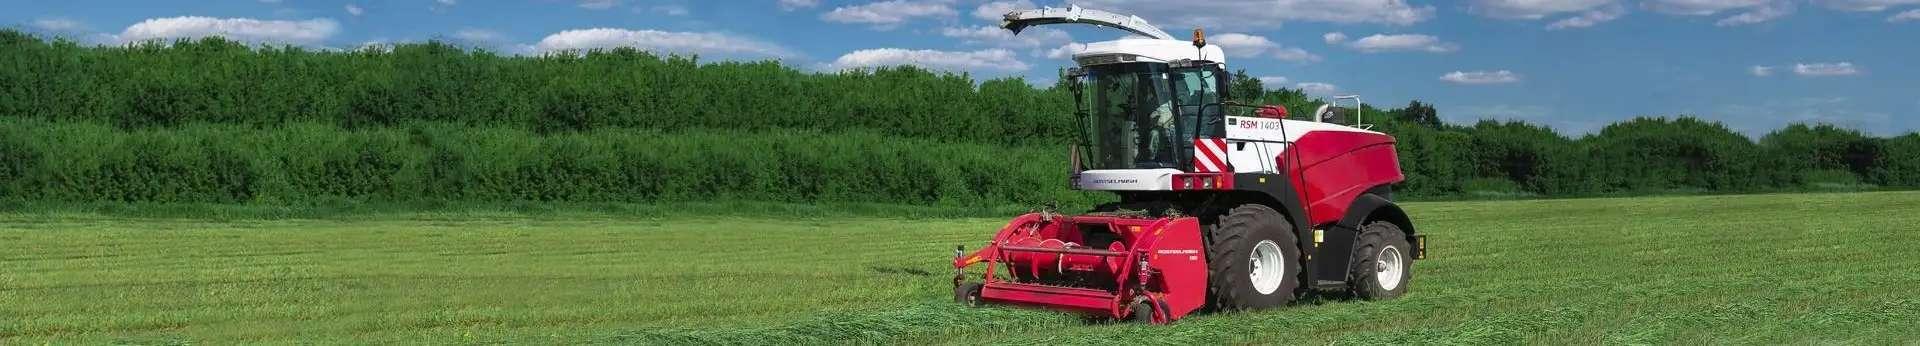 Sieczkarnia samojezdna Rostselmash RSM 1401/1403 na poly z podbieraczem do pokosów